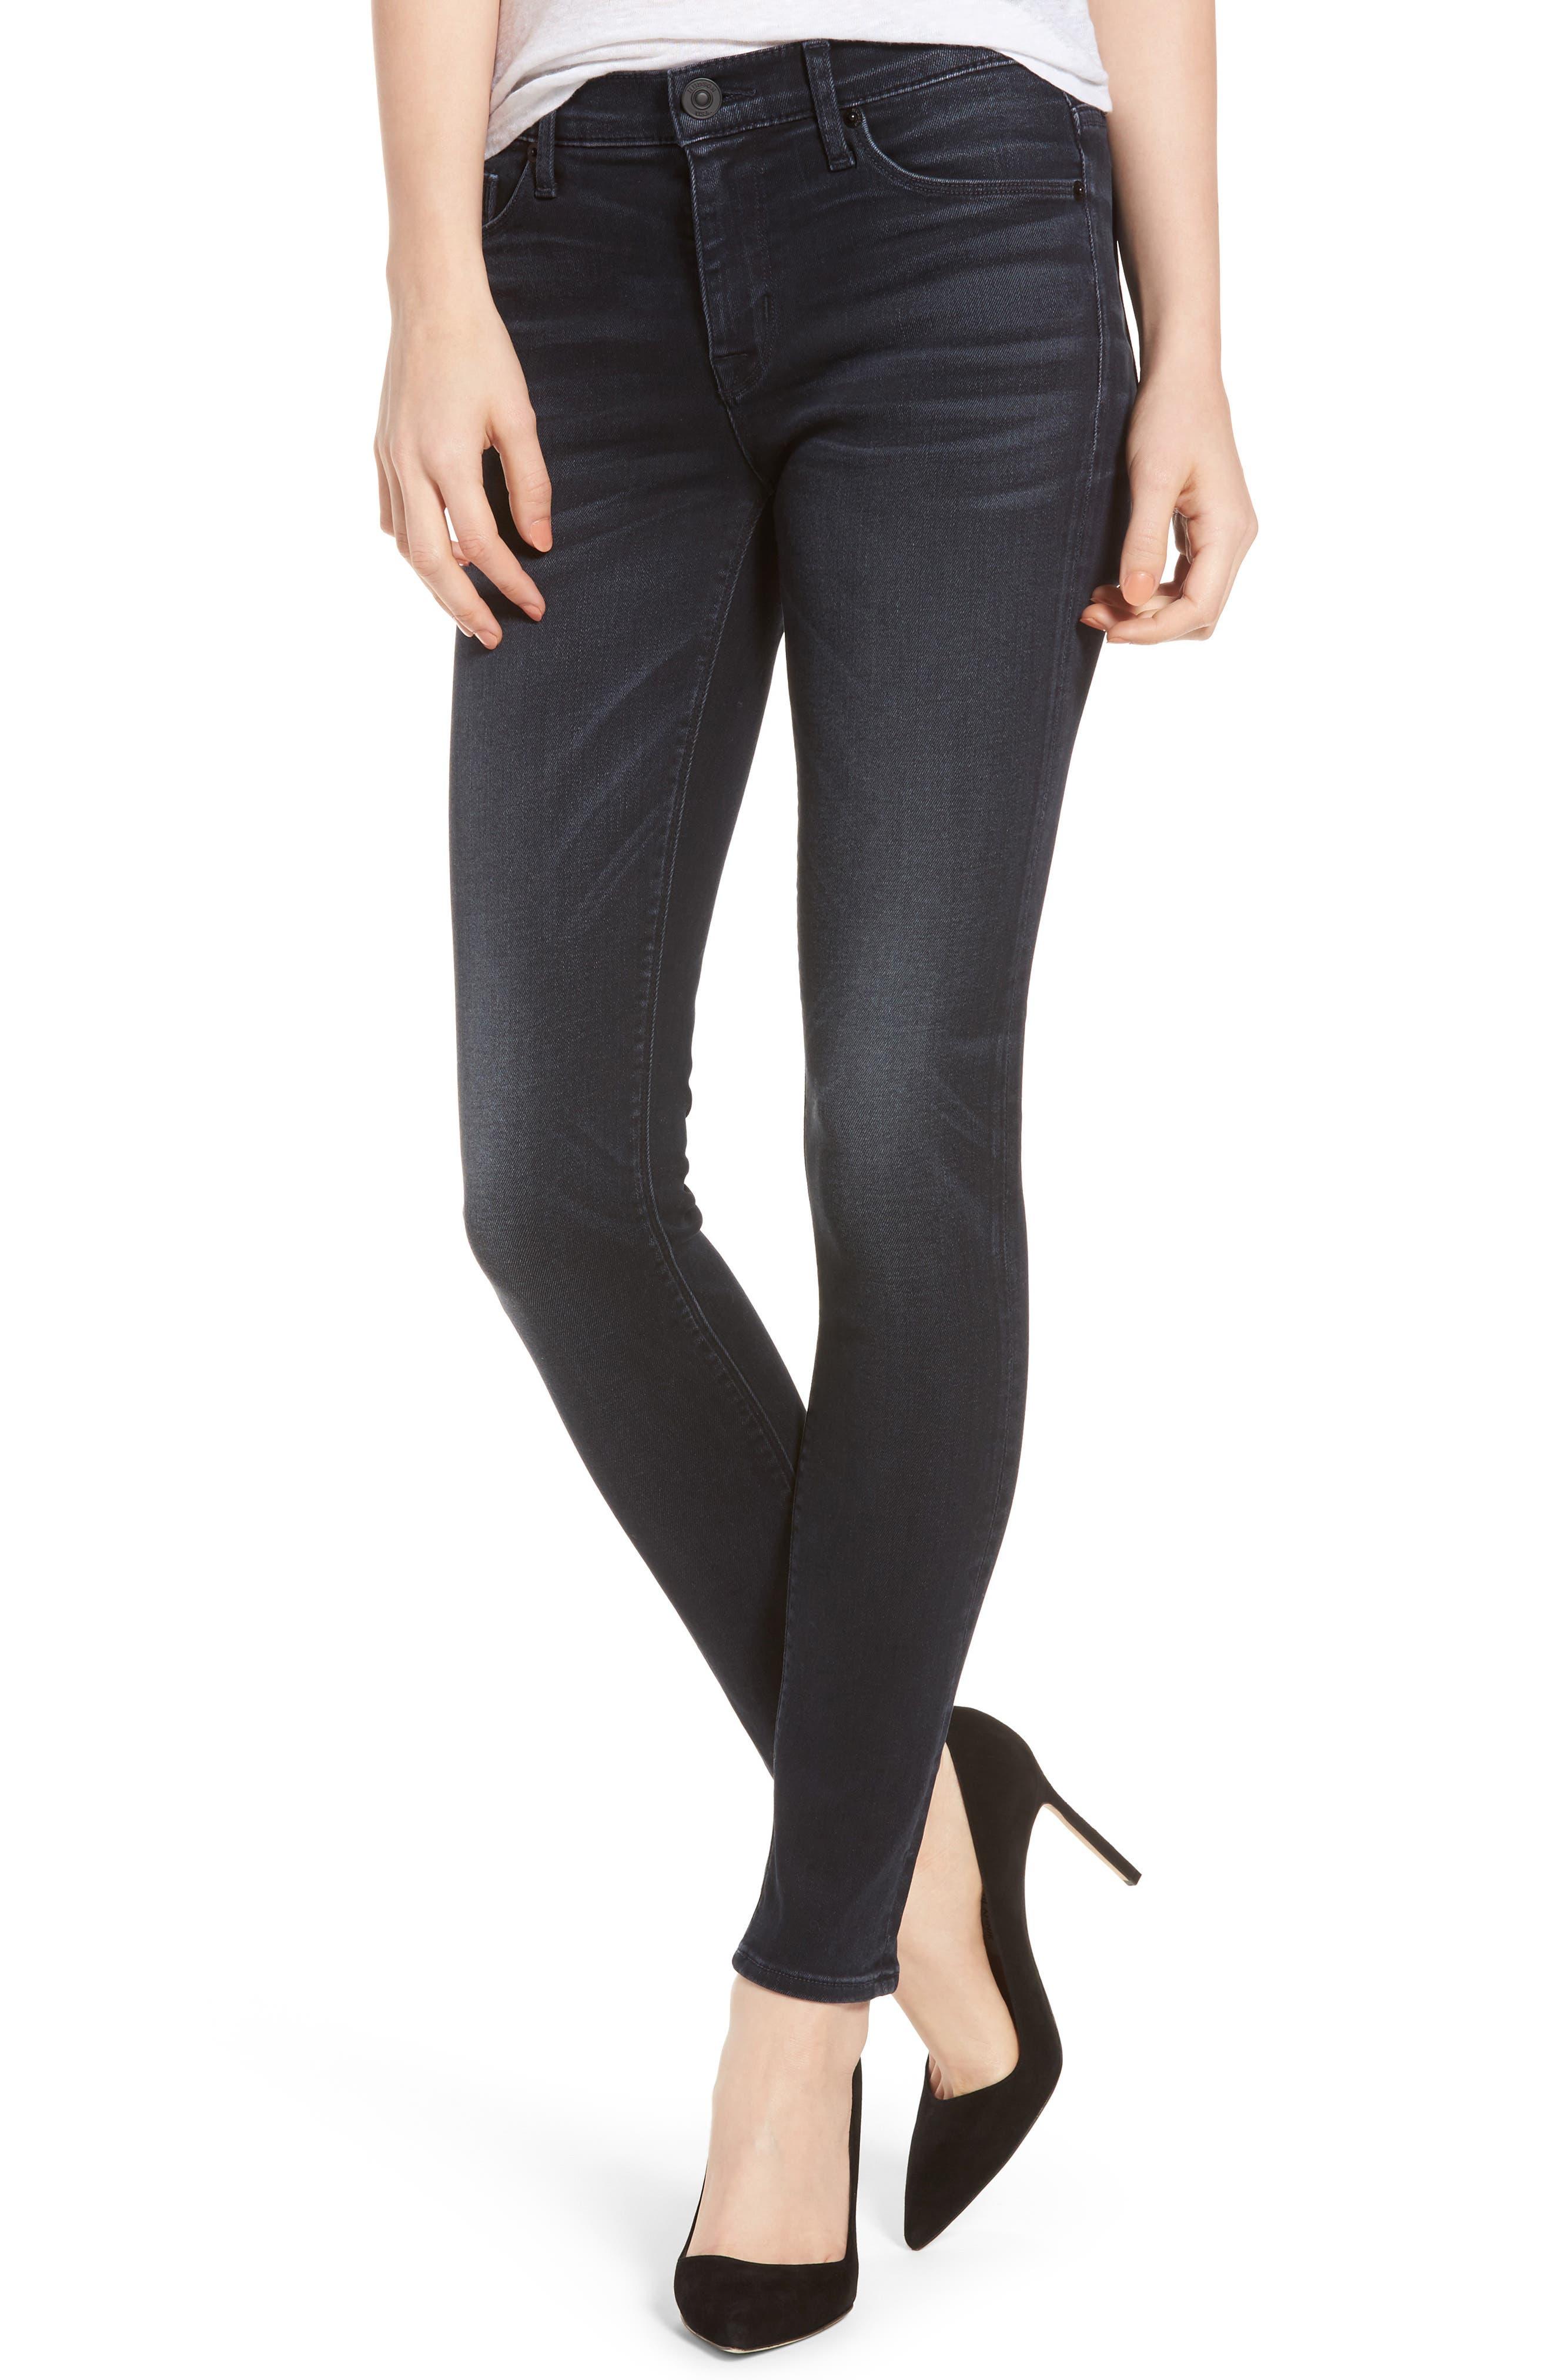 Alternate Image 1 Selected - Hudson Jeans Nico Super Skinny Jeans (Soft Shock)